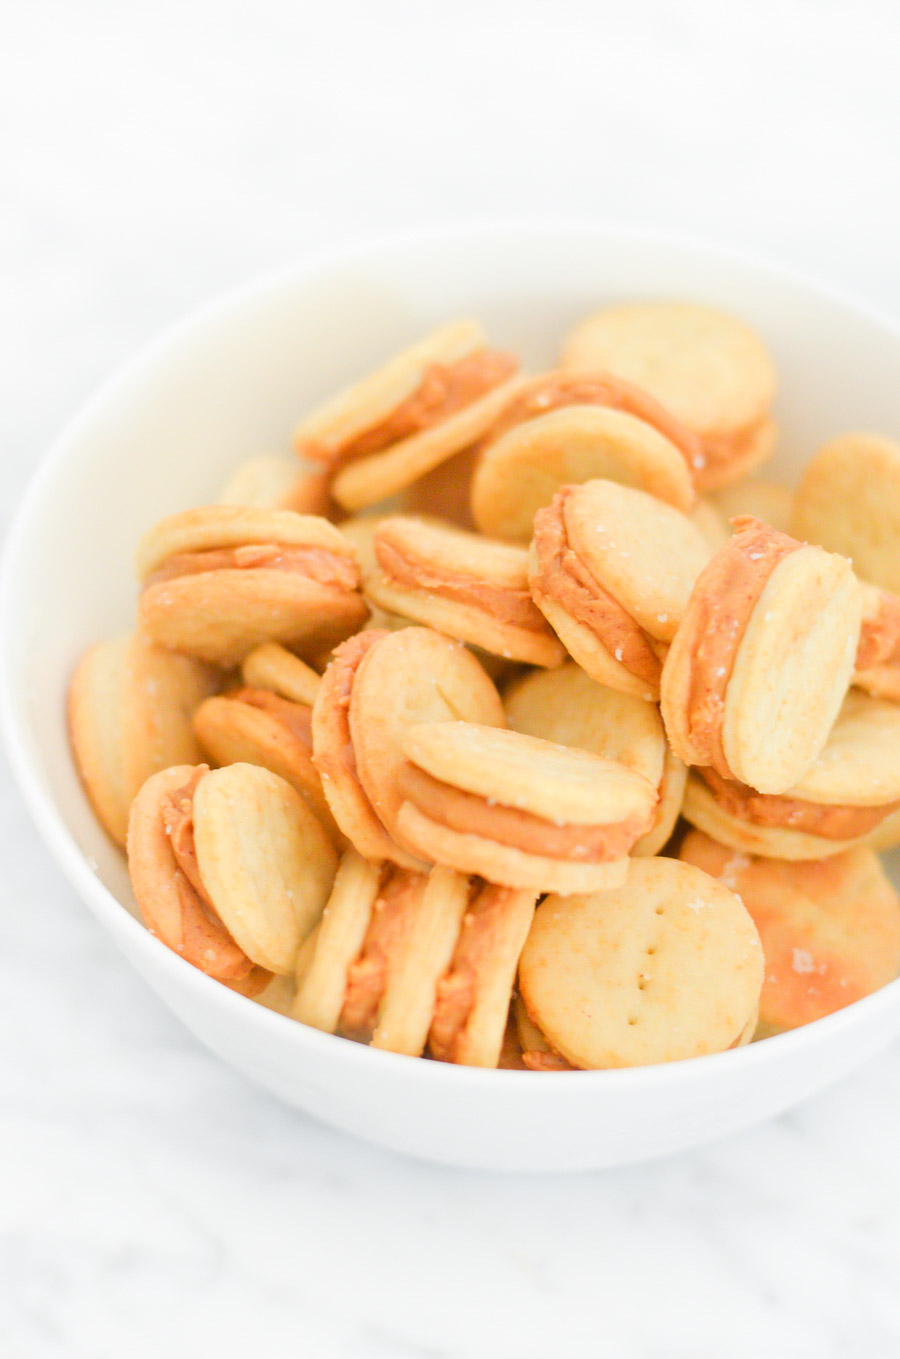 Homemade Ritz Peanut Butter Cracker Sandwiches Recipe